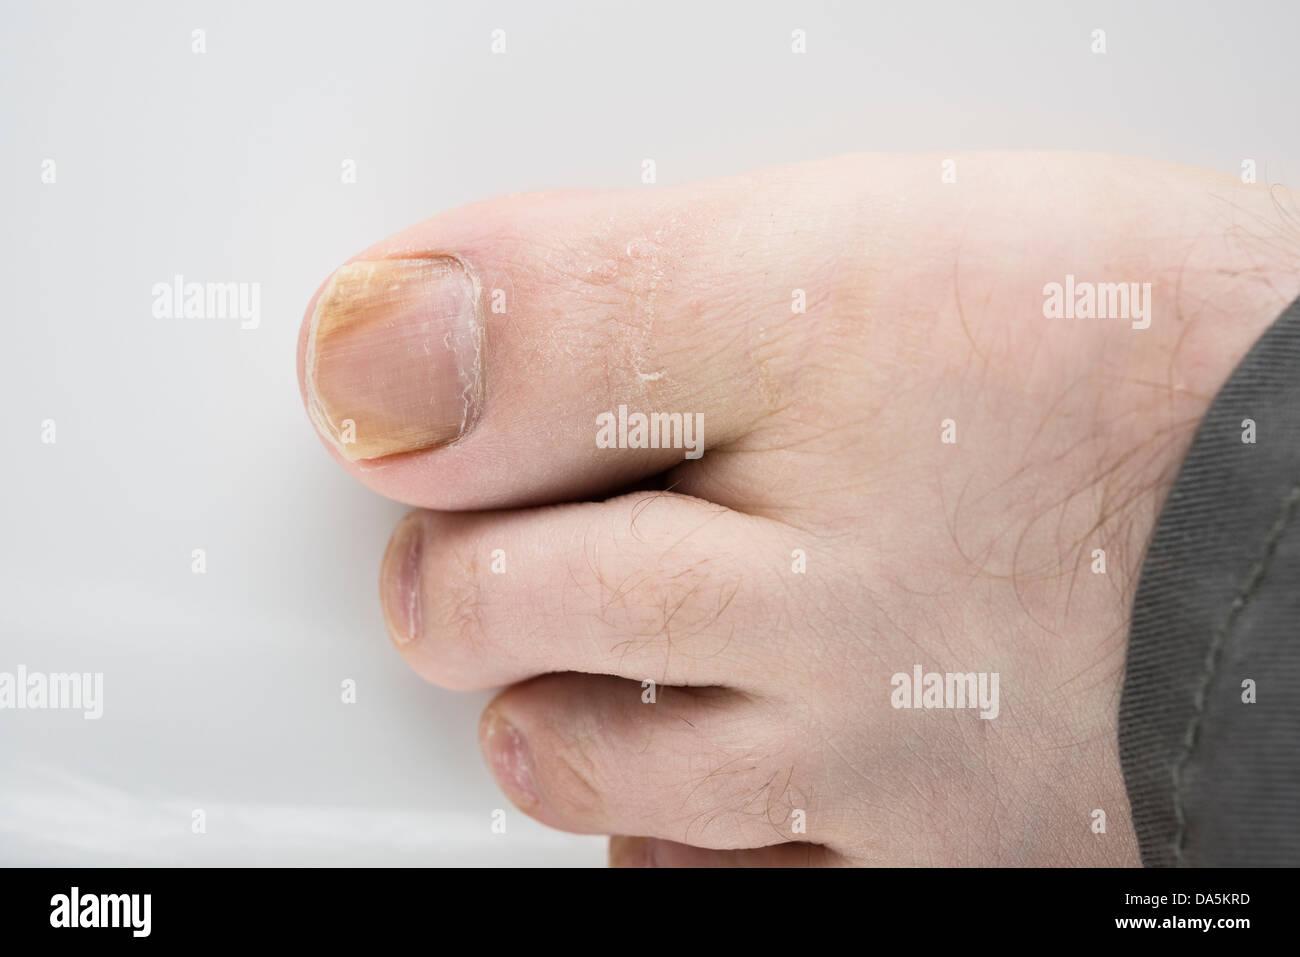 Onychomycosis Stockfotos & Onychomycosis Bilder - Alamy